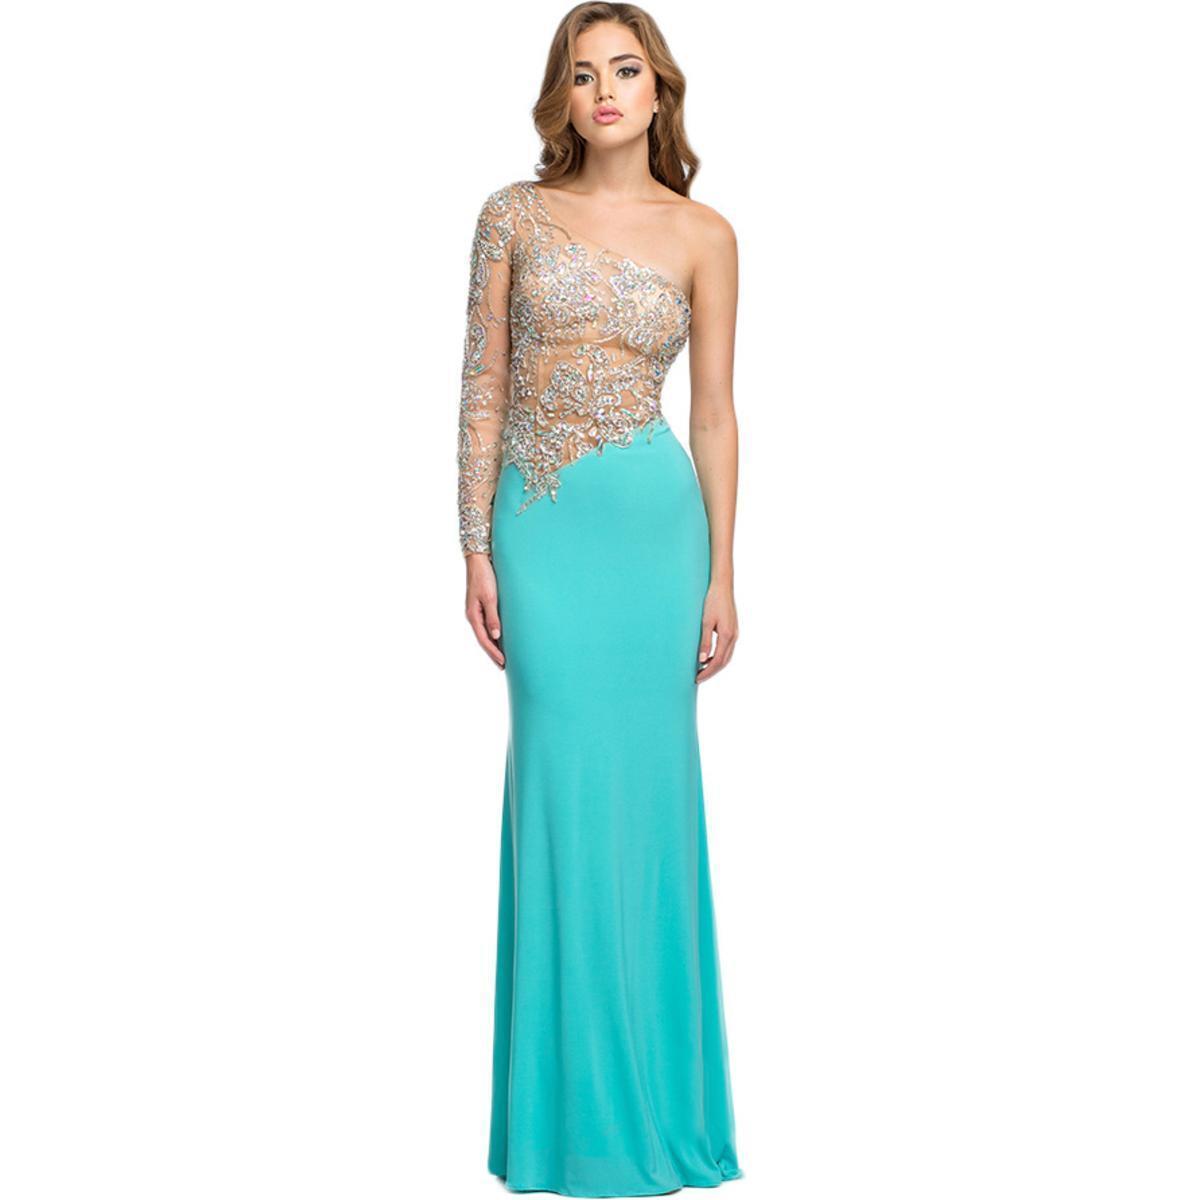 Terani Couture 5954 Blue Embellished One Shoulder Formal Dress ...